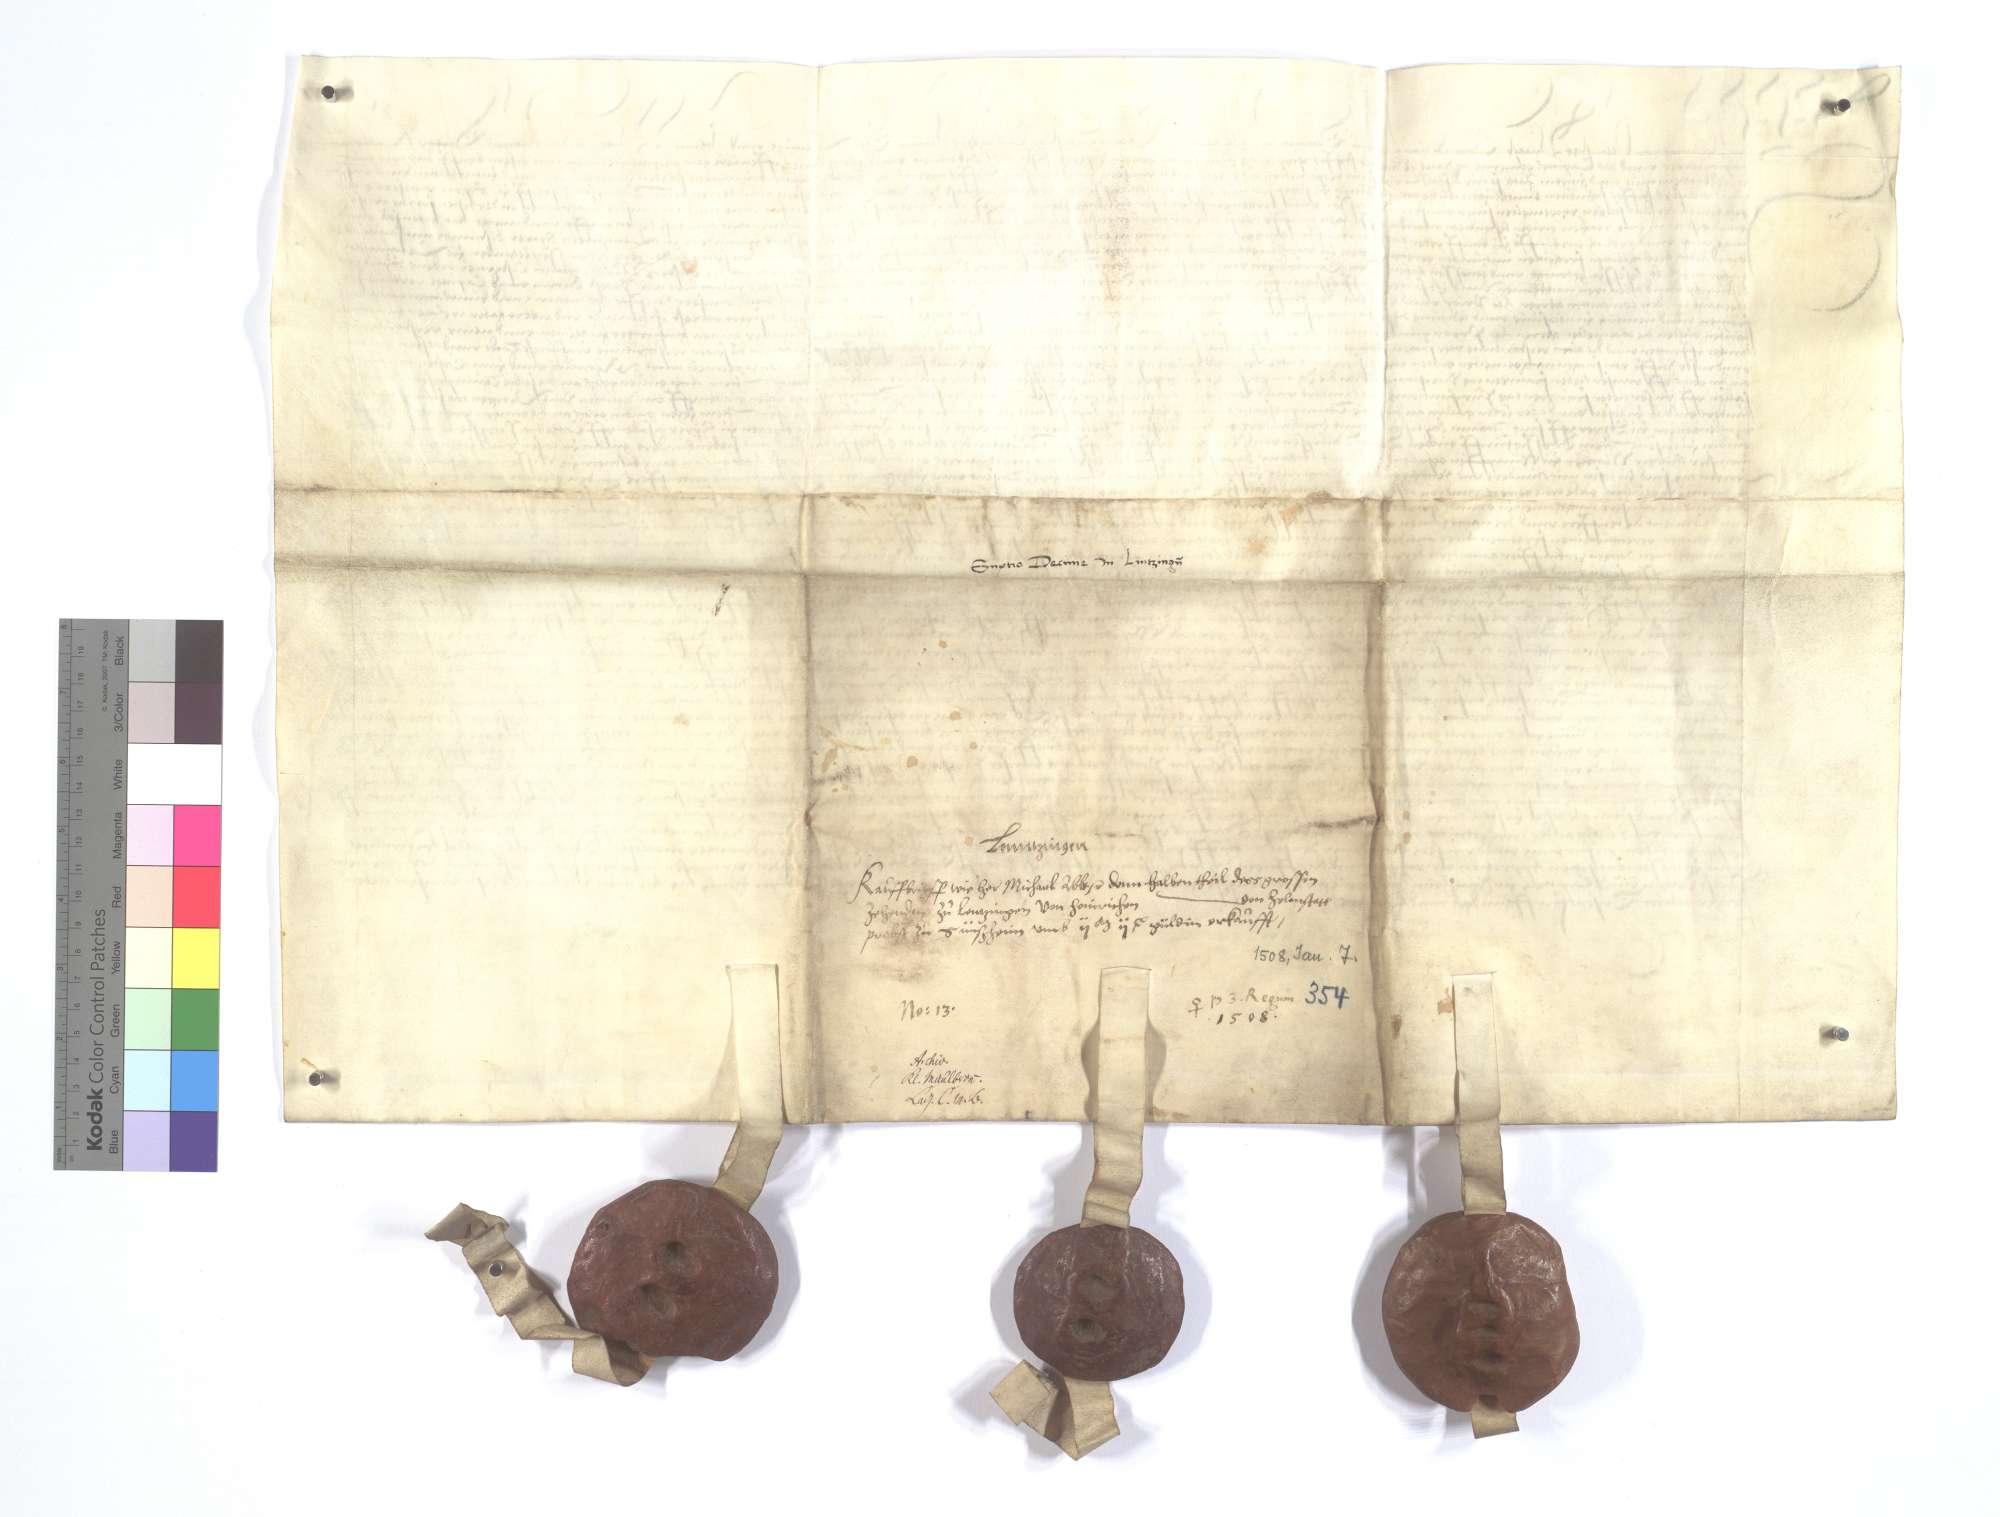 Der Abt und Konvent von Sinsheim, verkaufen dem Kloster Maulbronn den halben Teil des Fruchtzehnten in Lienzingen (Lientzingen) für 2.200 Gulden., Rückseite